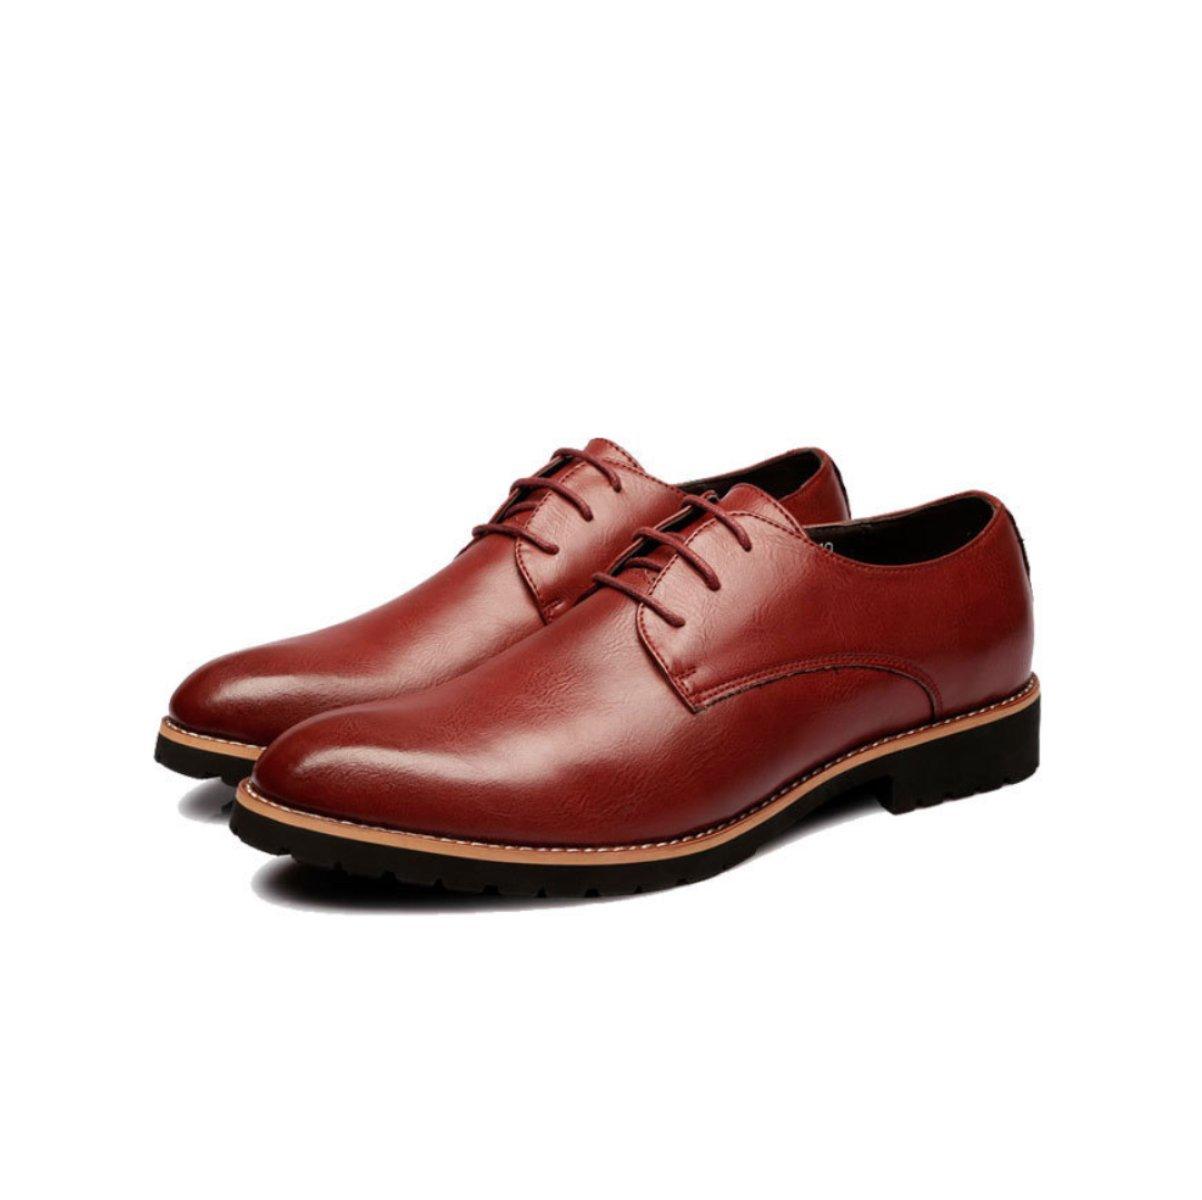 LYZGF Hombres Jóvenes Primavera Y Otoño Negocios Ocio Moda Encaje Zapatos De Cuero,Brown-38 38|Brown